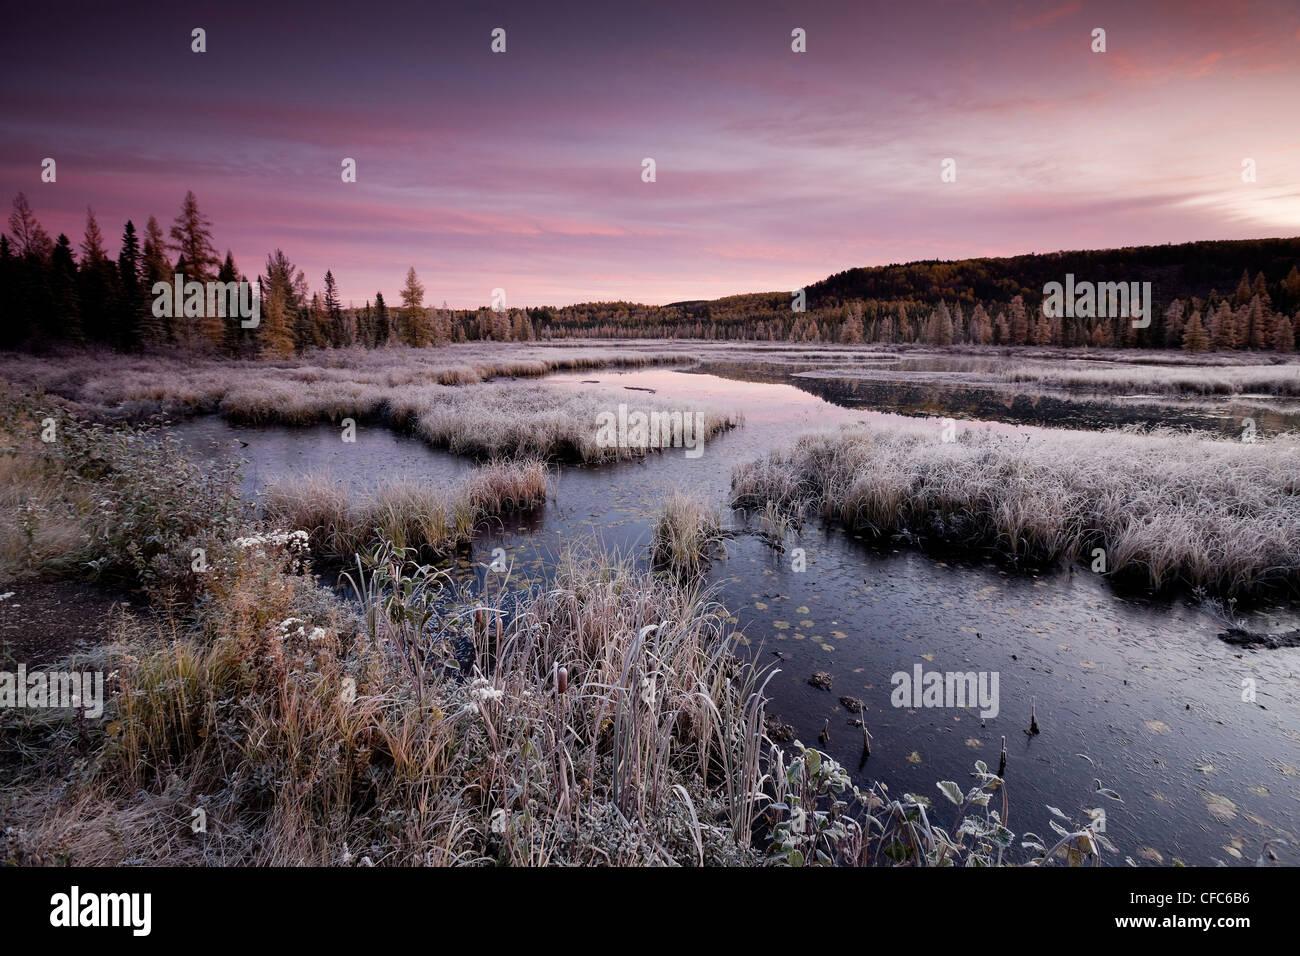 Ciel rose givrée première lumière matin d'automne Photo Stock